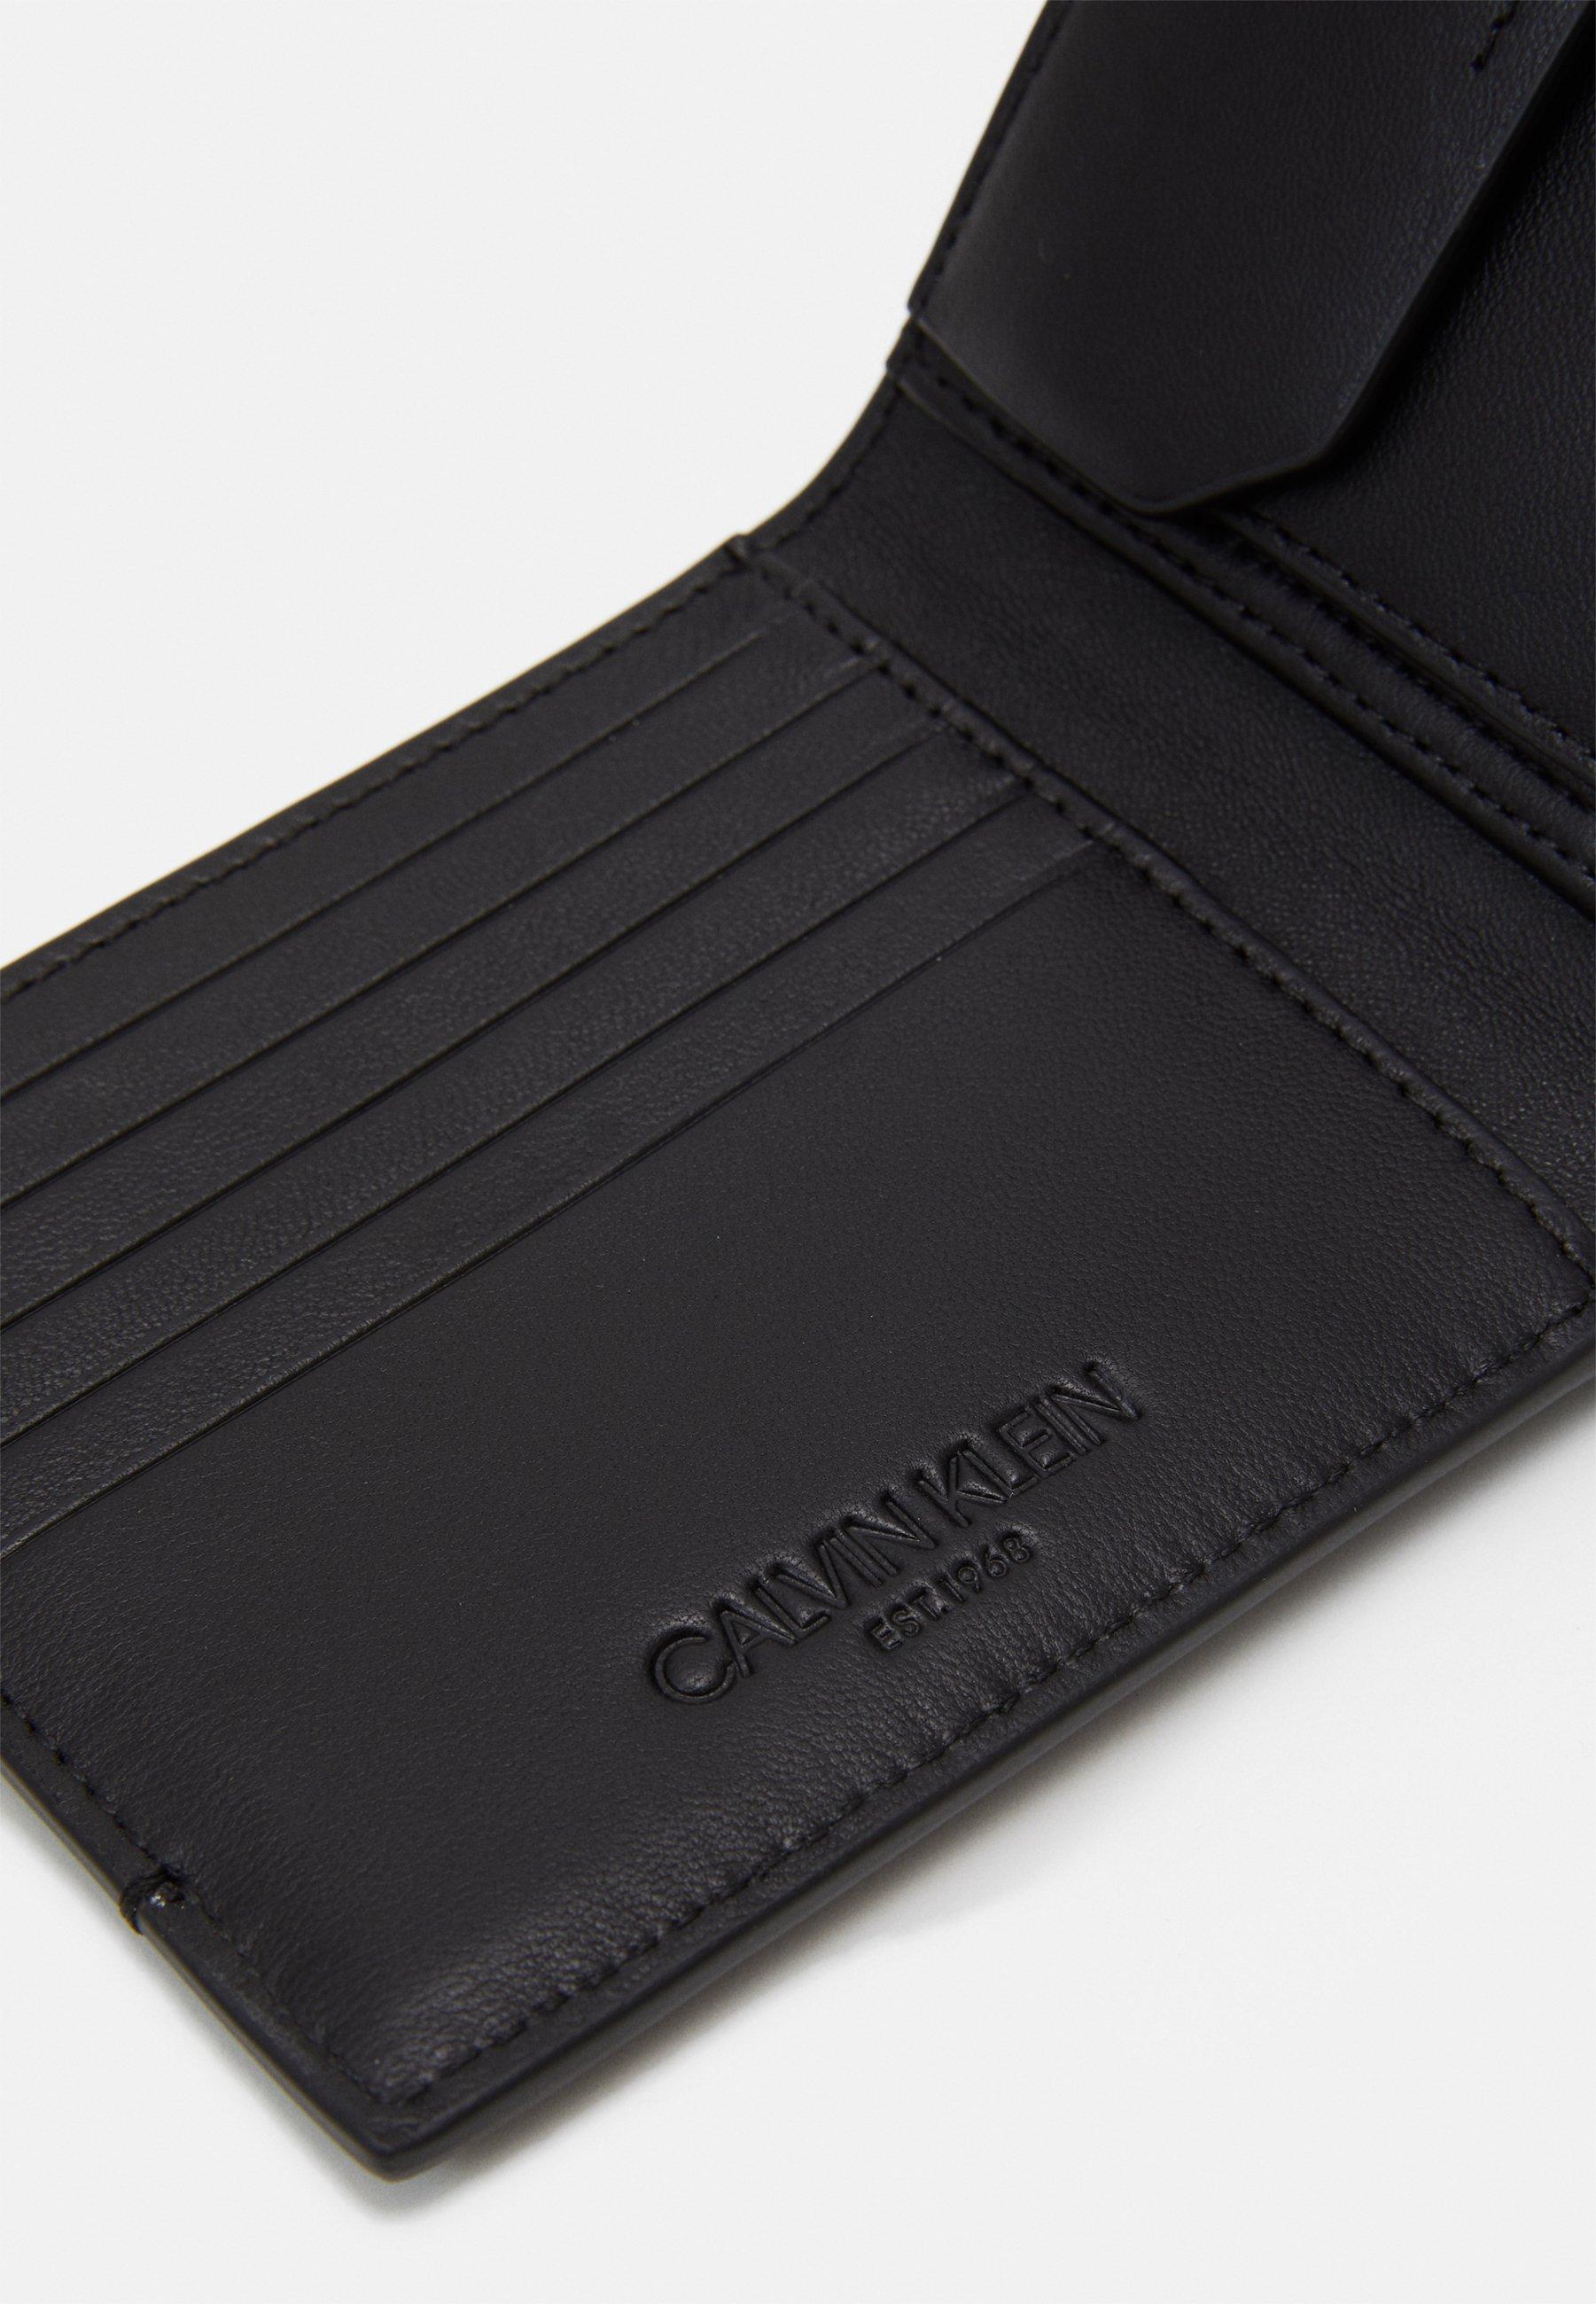 Tania cena Gorąca wyprzedaż Calvin Klein BIFOLD COIN - Portfel - black | Akcesoria męskie 2020 y58r0